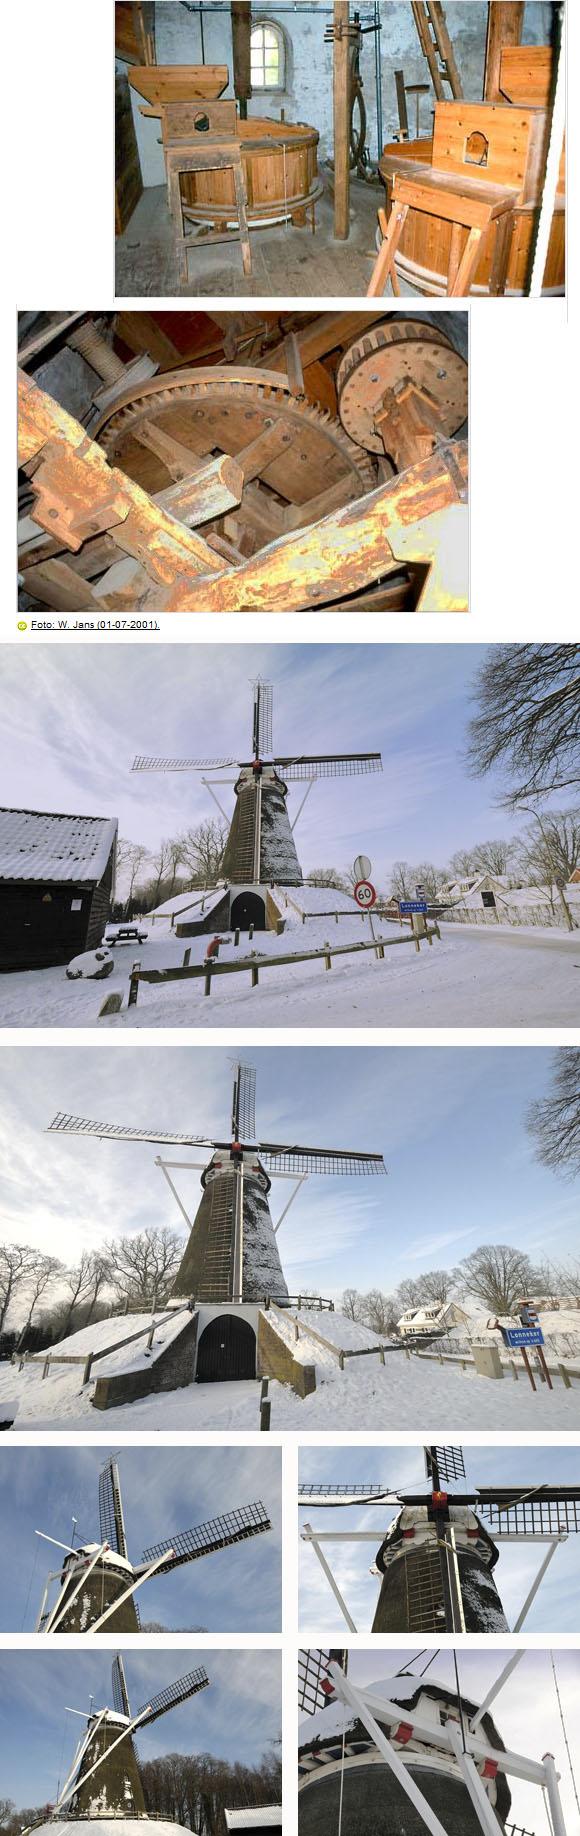 Lonnekermolen, Lonneker, Eddy Blenke (13-1-2010). | Database Nederlandse molens